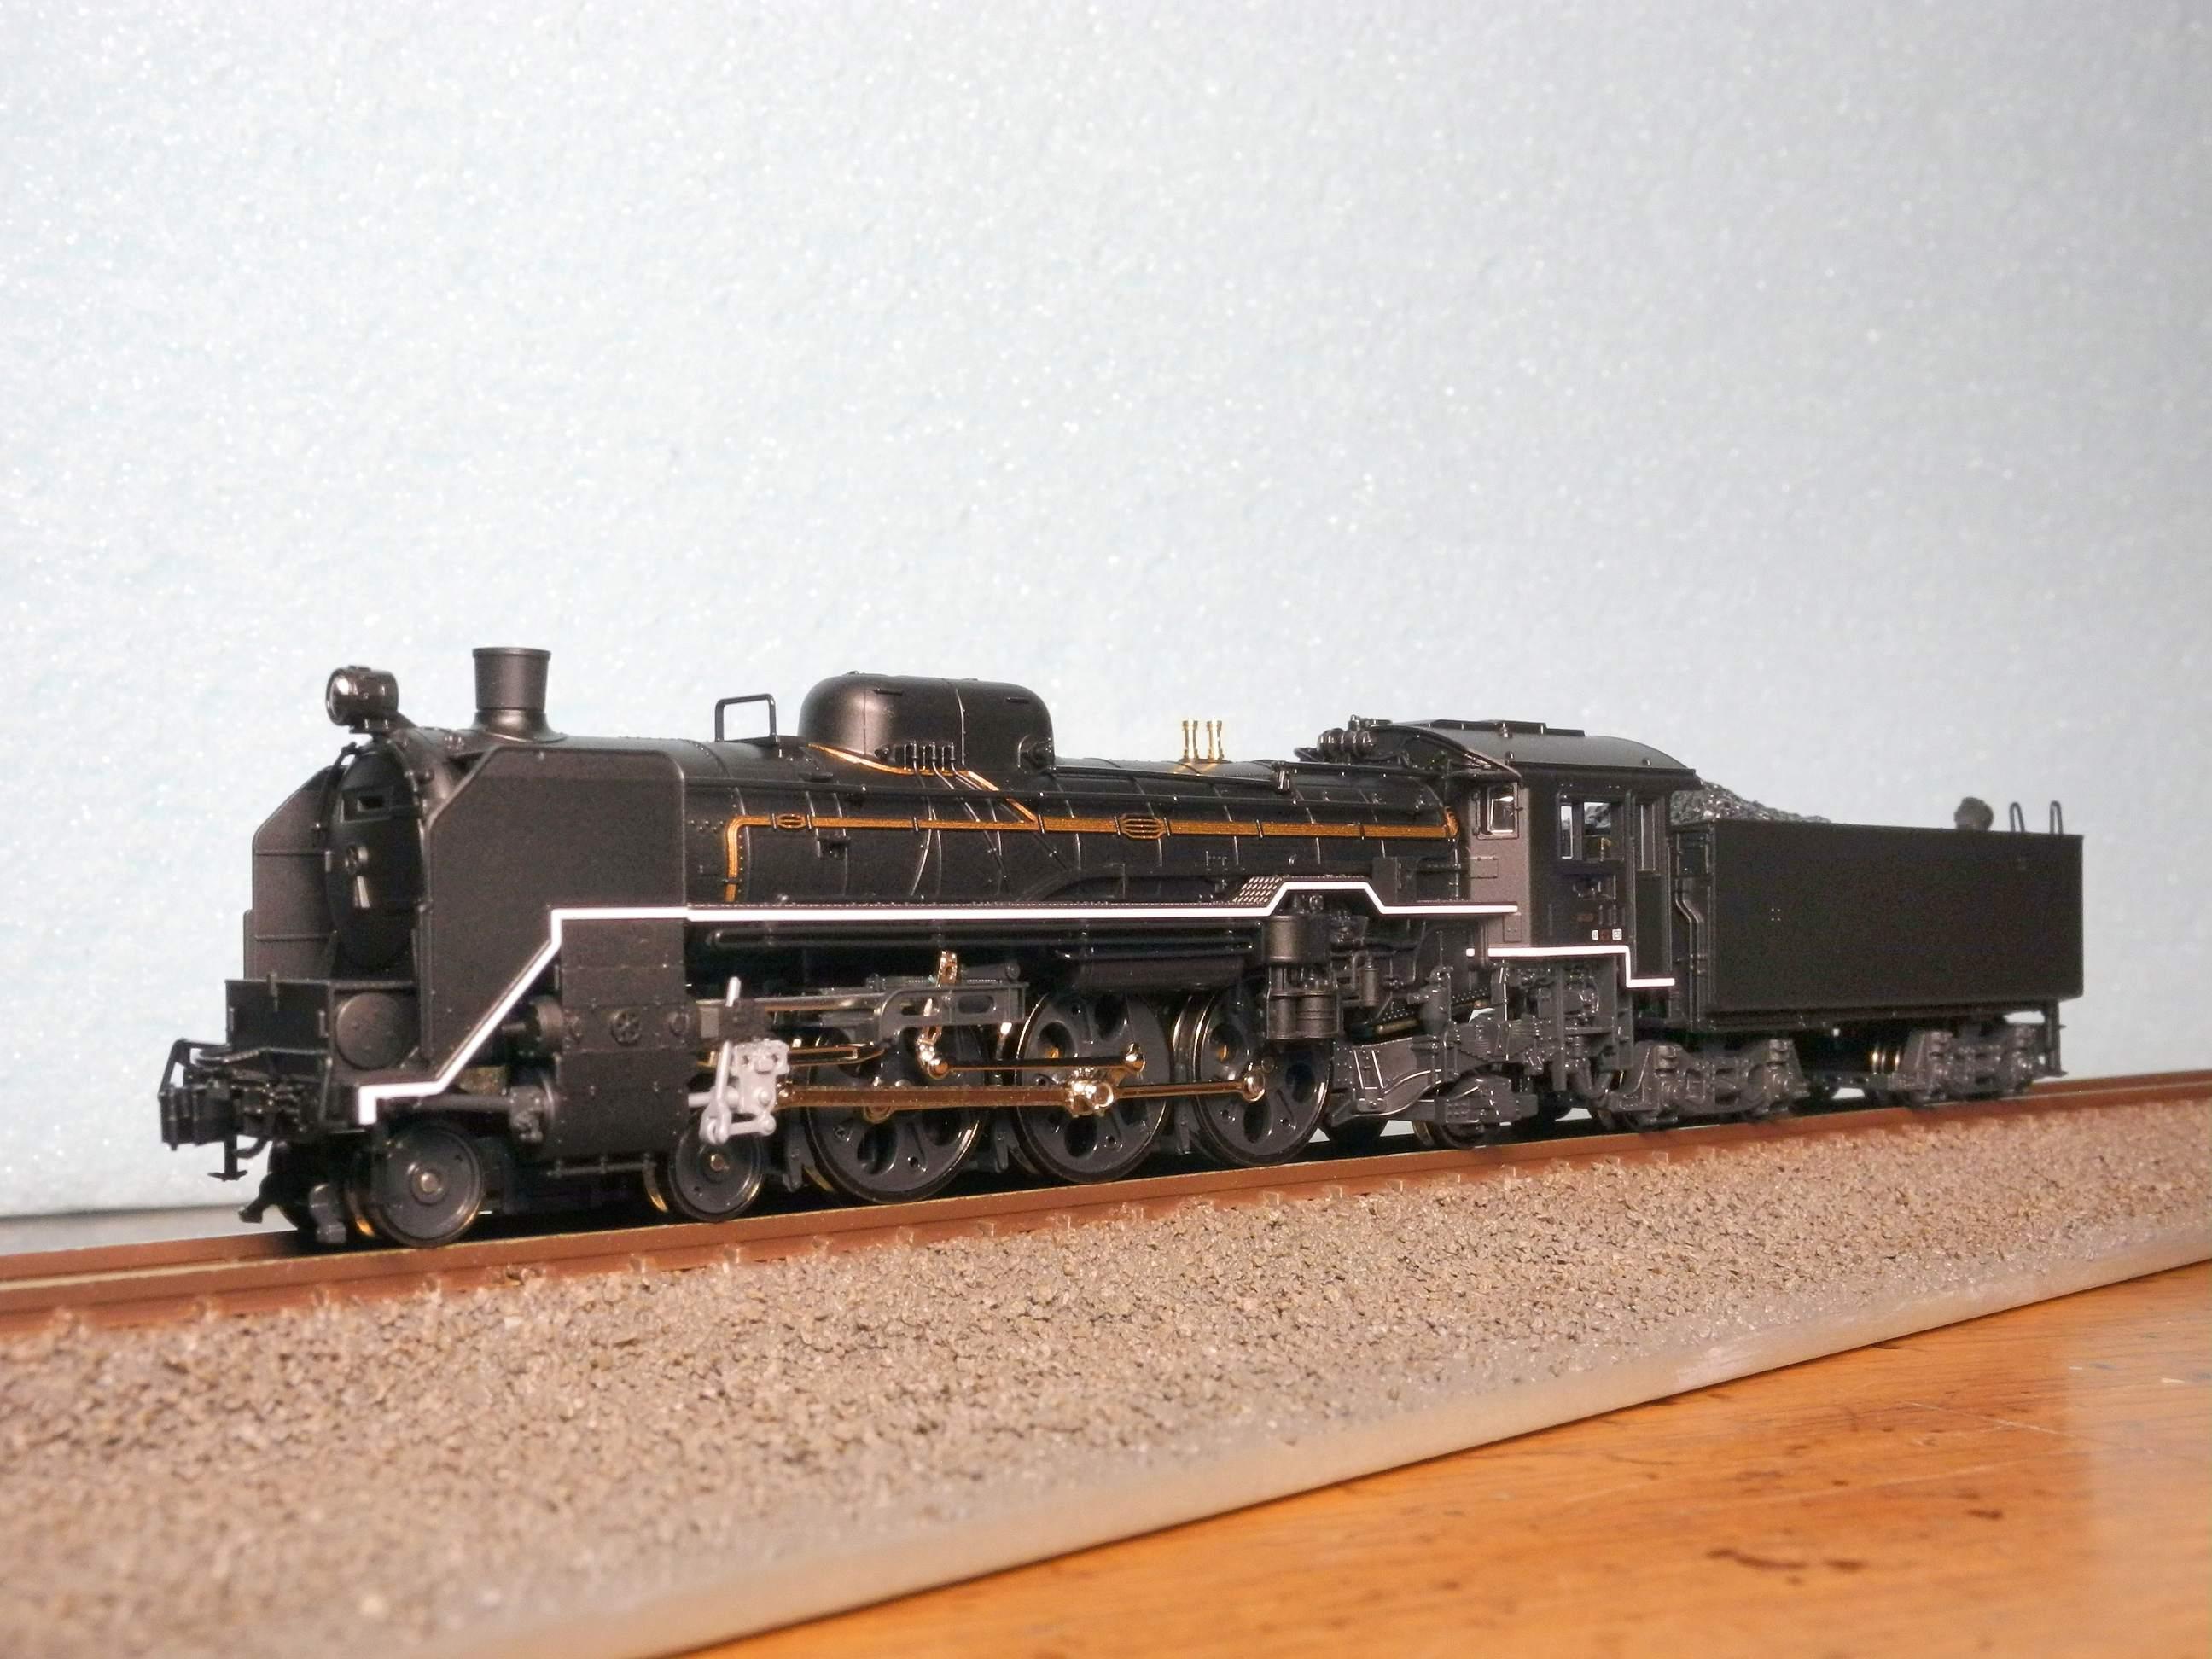 DSCN5871-1.jpg